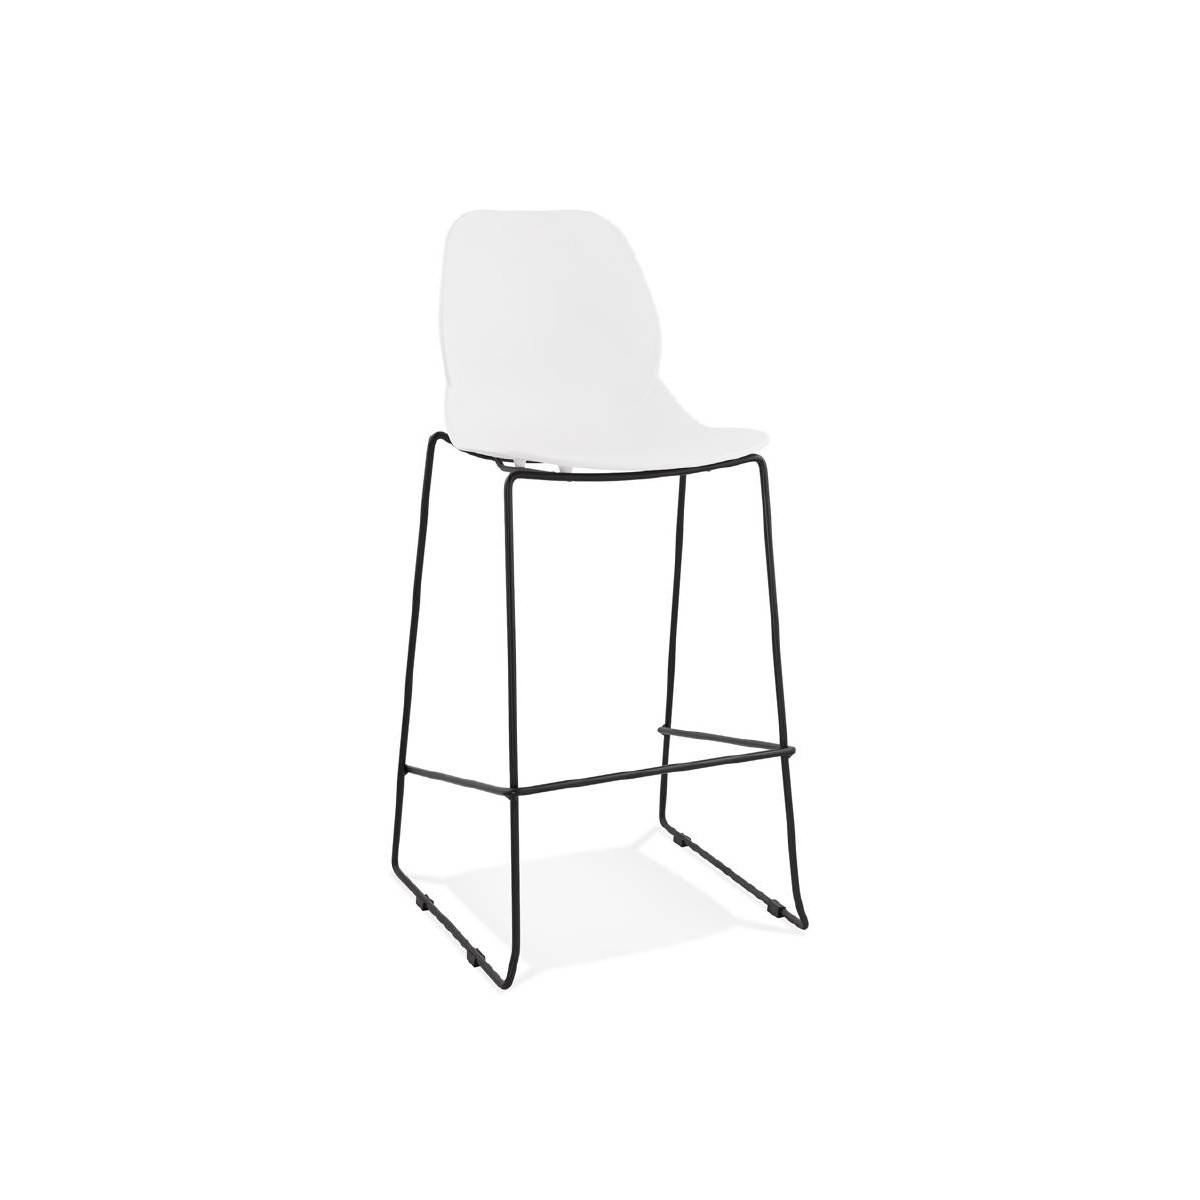 Tabouret de bar chaise de bar industriel empilable JULIETTE (blanc) - AMP  Story 7